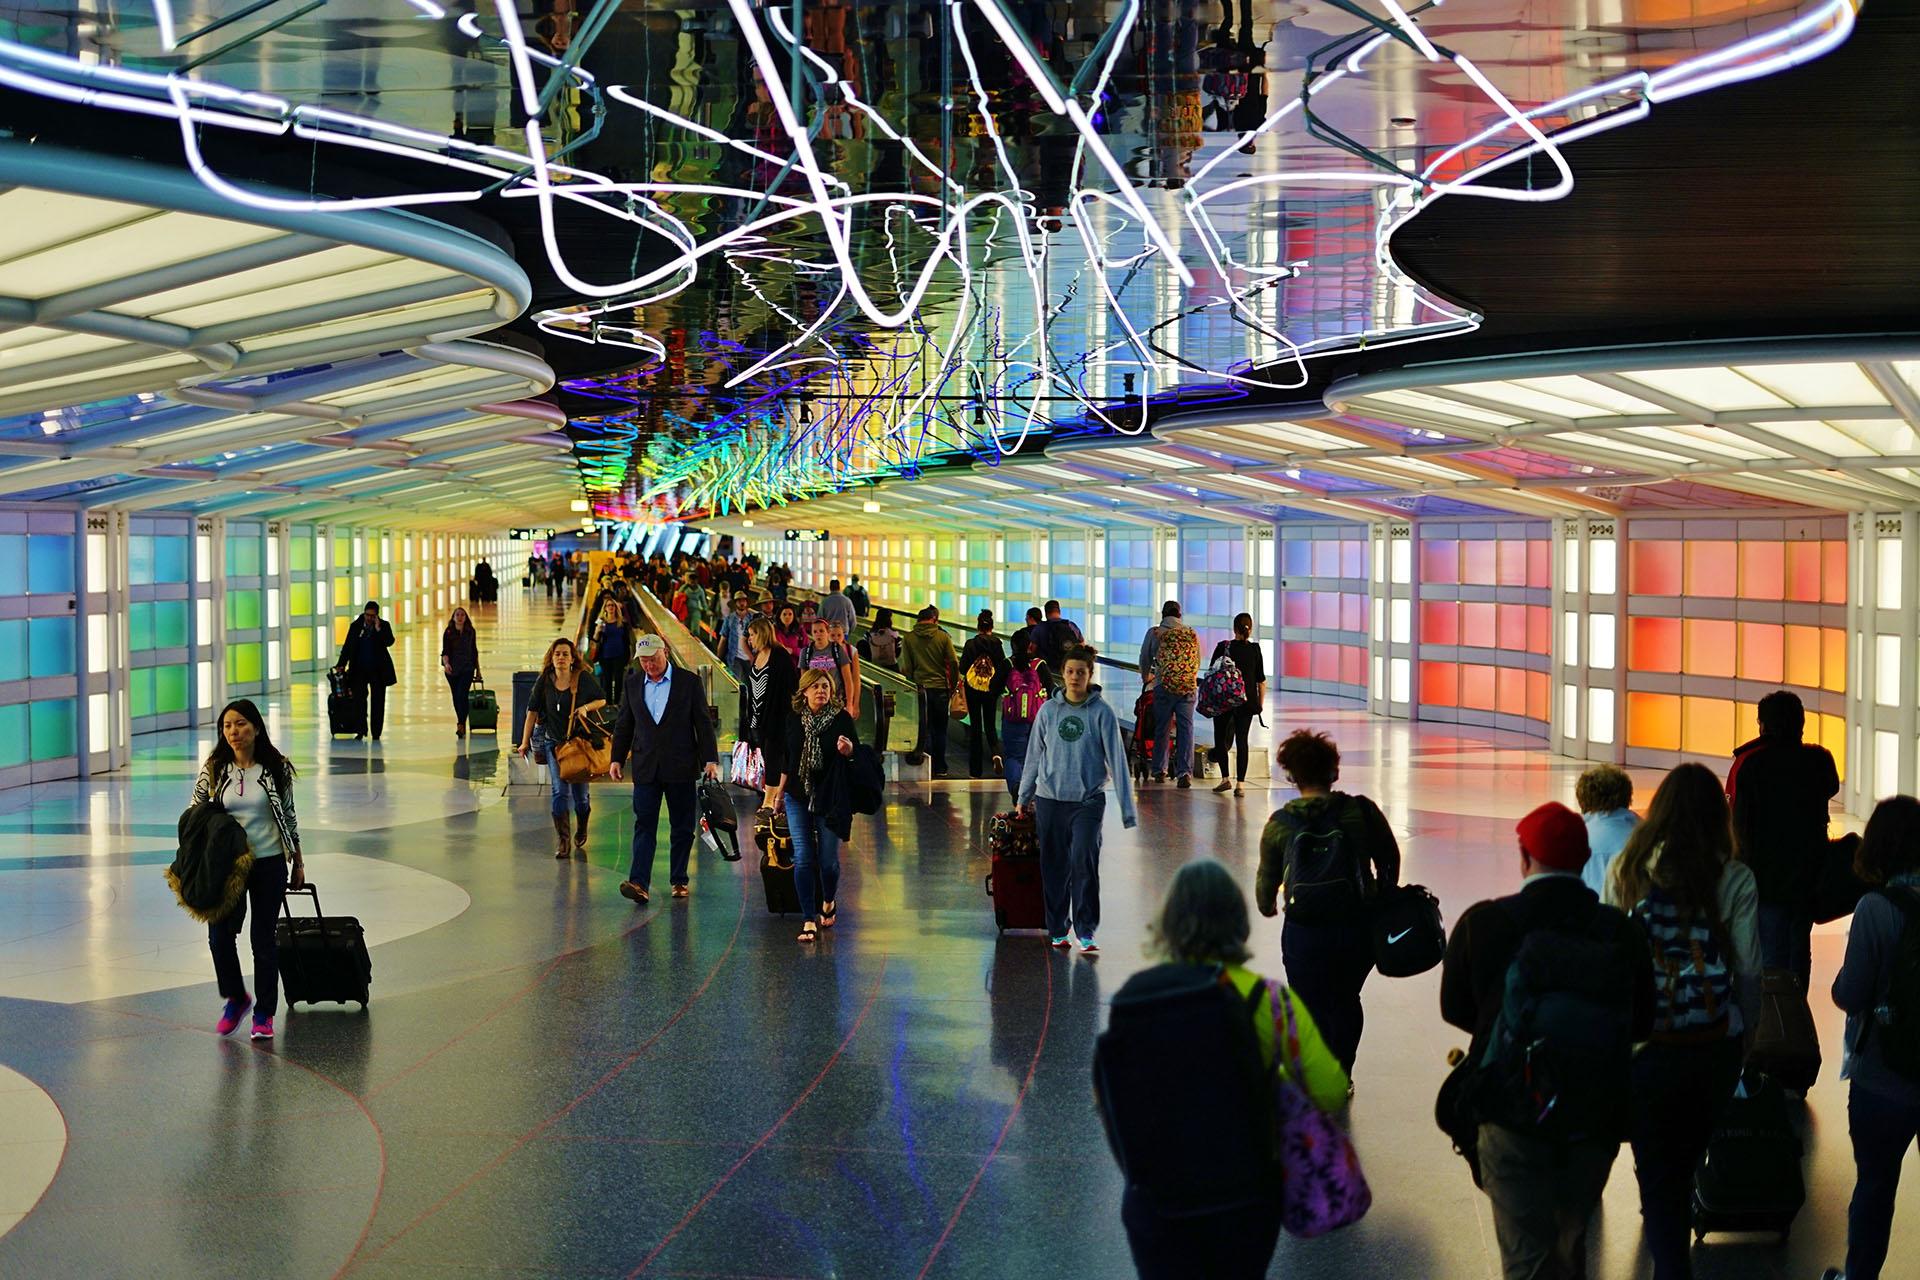 """El Aeropuerto Internacional O'Hare de Chicago tiene un túnel peatonal con una instalación de neón llamada """"Sky's the Limit"""""""